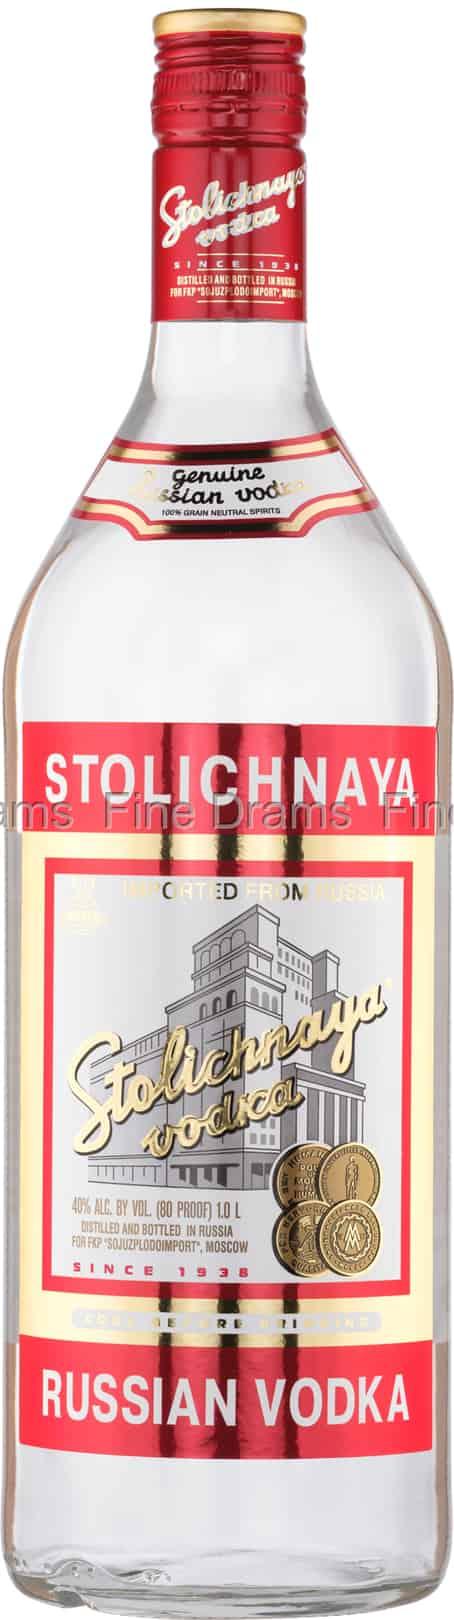 Stolichnaya Vodka (1 Liter)